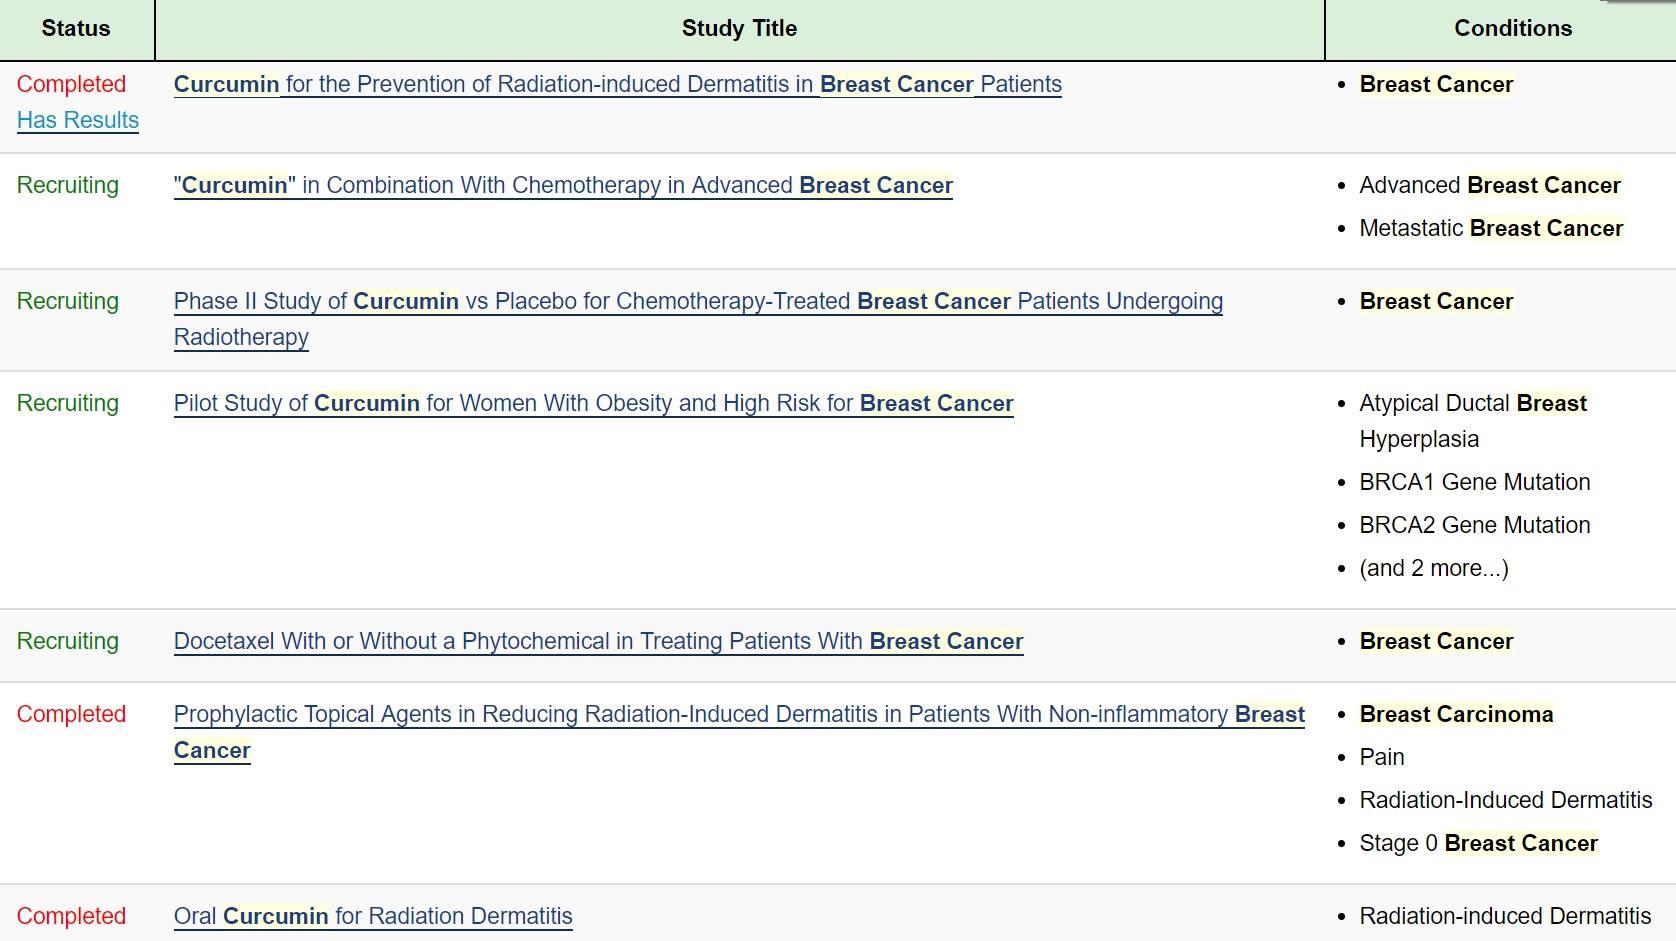 Hình 3. Chỉ có 7 thử nghiệm lâm sàng liên quan tới curcumin và ung thư vú (11).